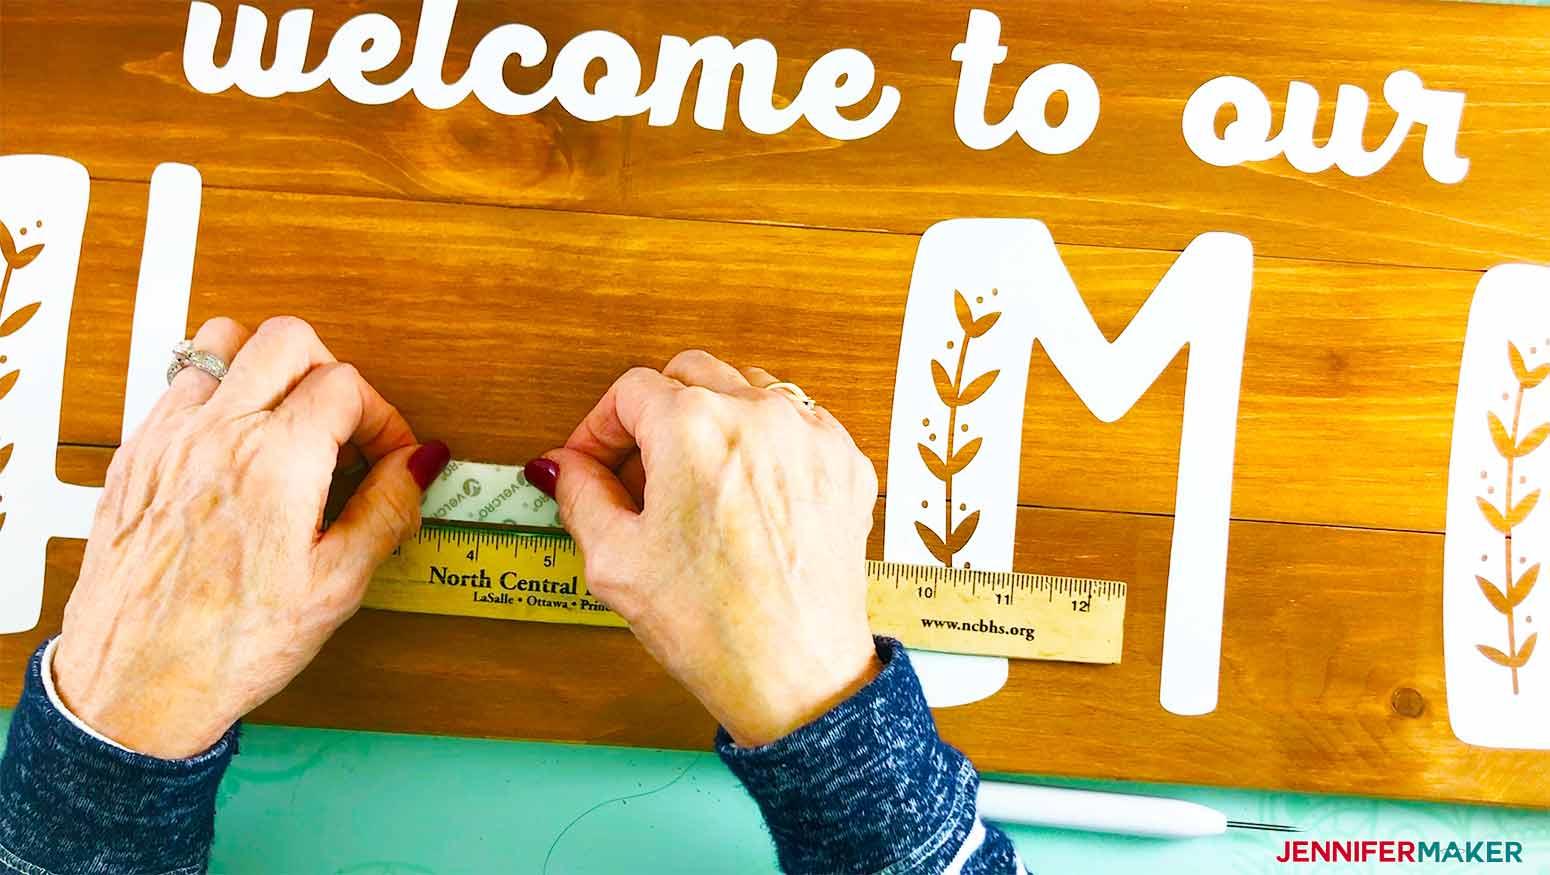 Home-Board-Jennifermaker-palacing-velcro-on-board